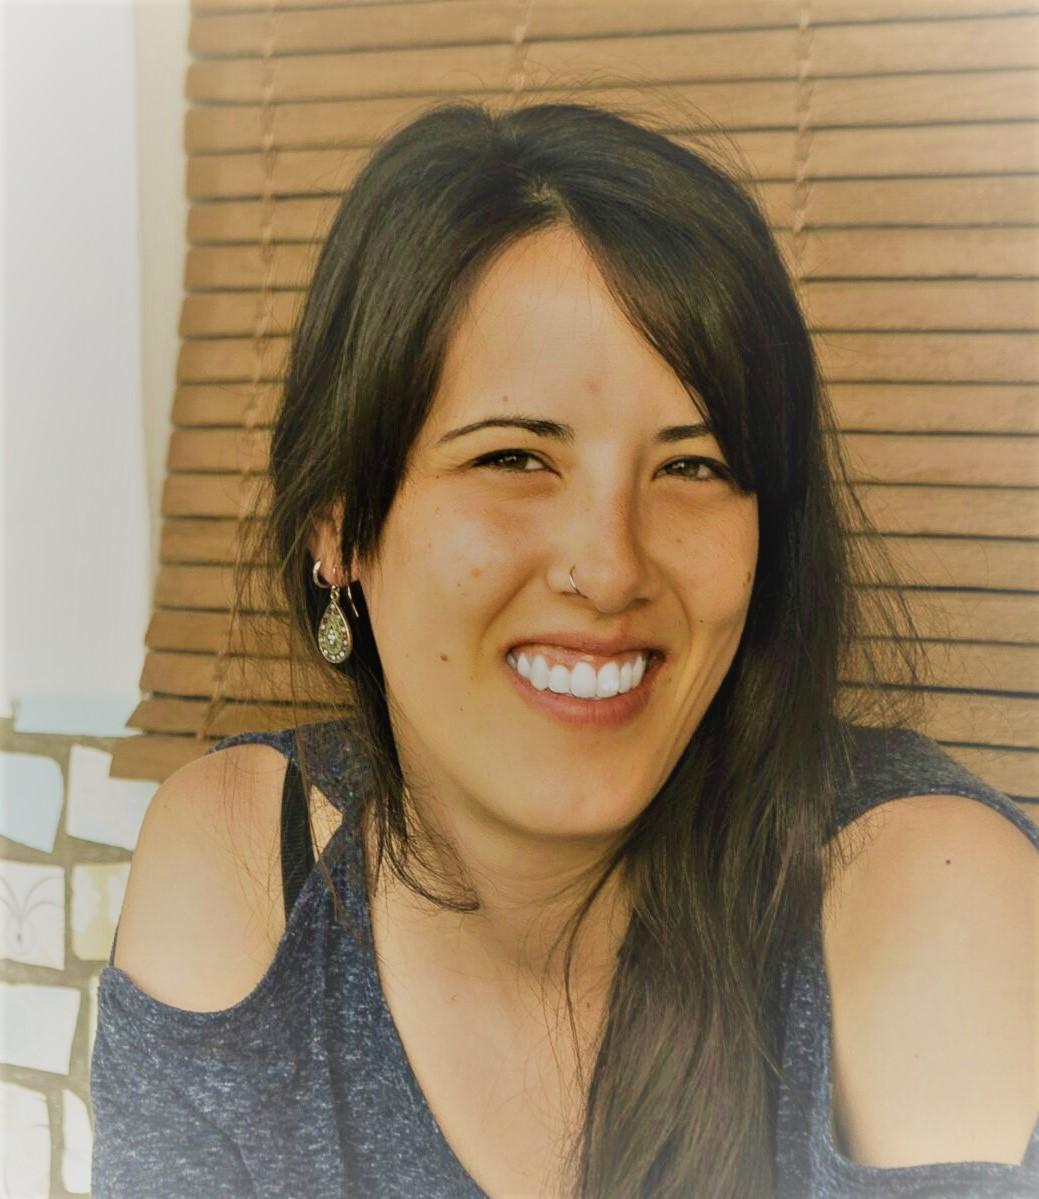 Spanish teacher Eva